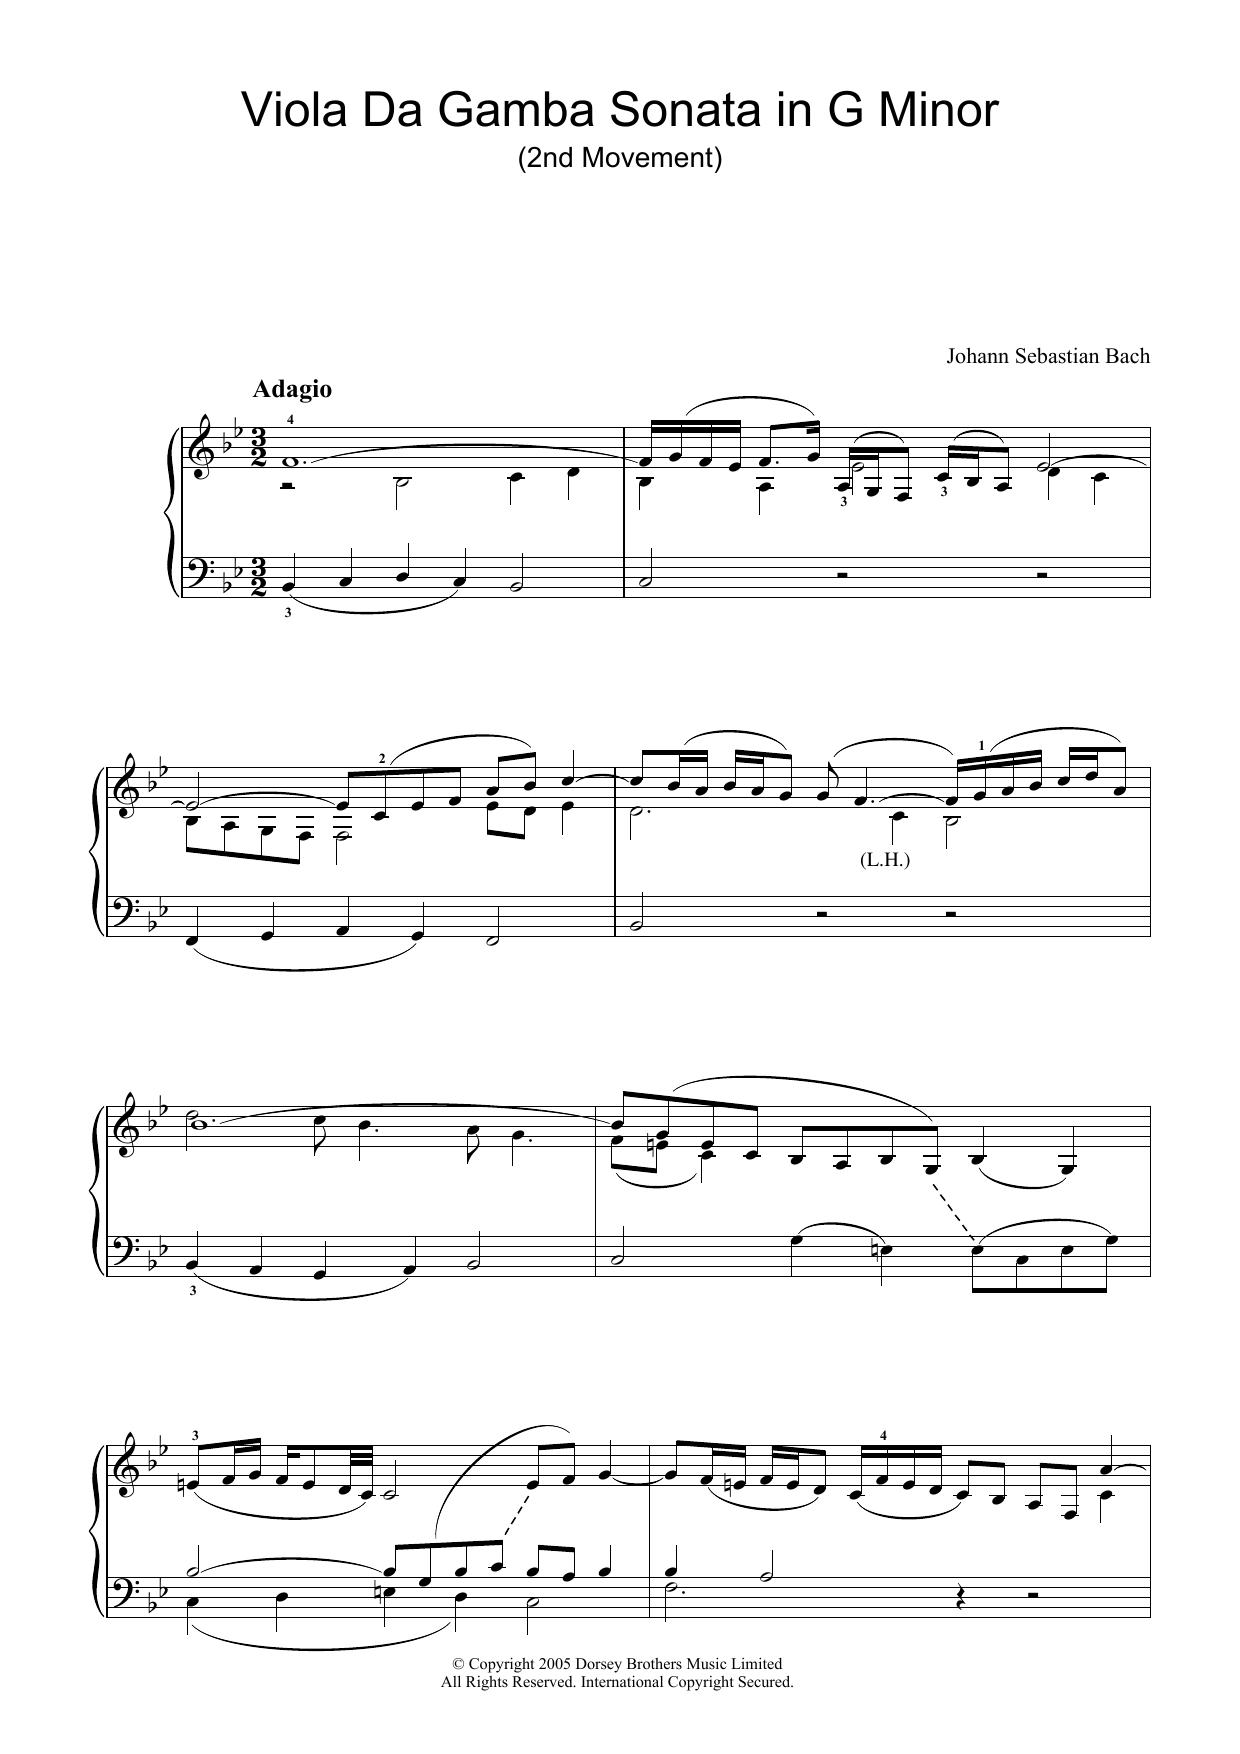 Viola da Gamba Sonata In G Minor (2nd Movement) sheet music